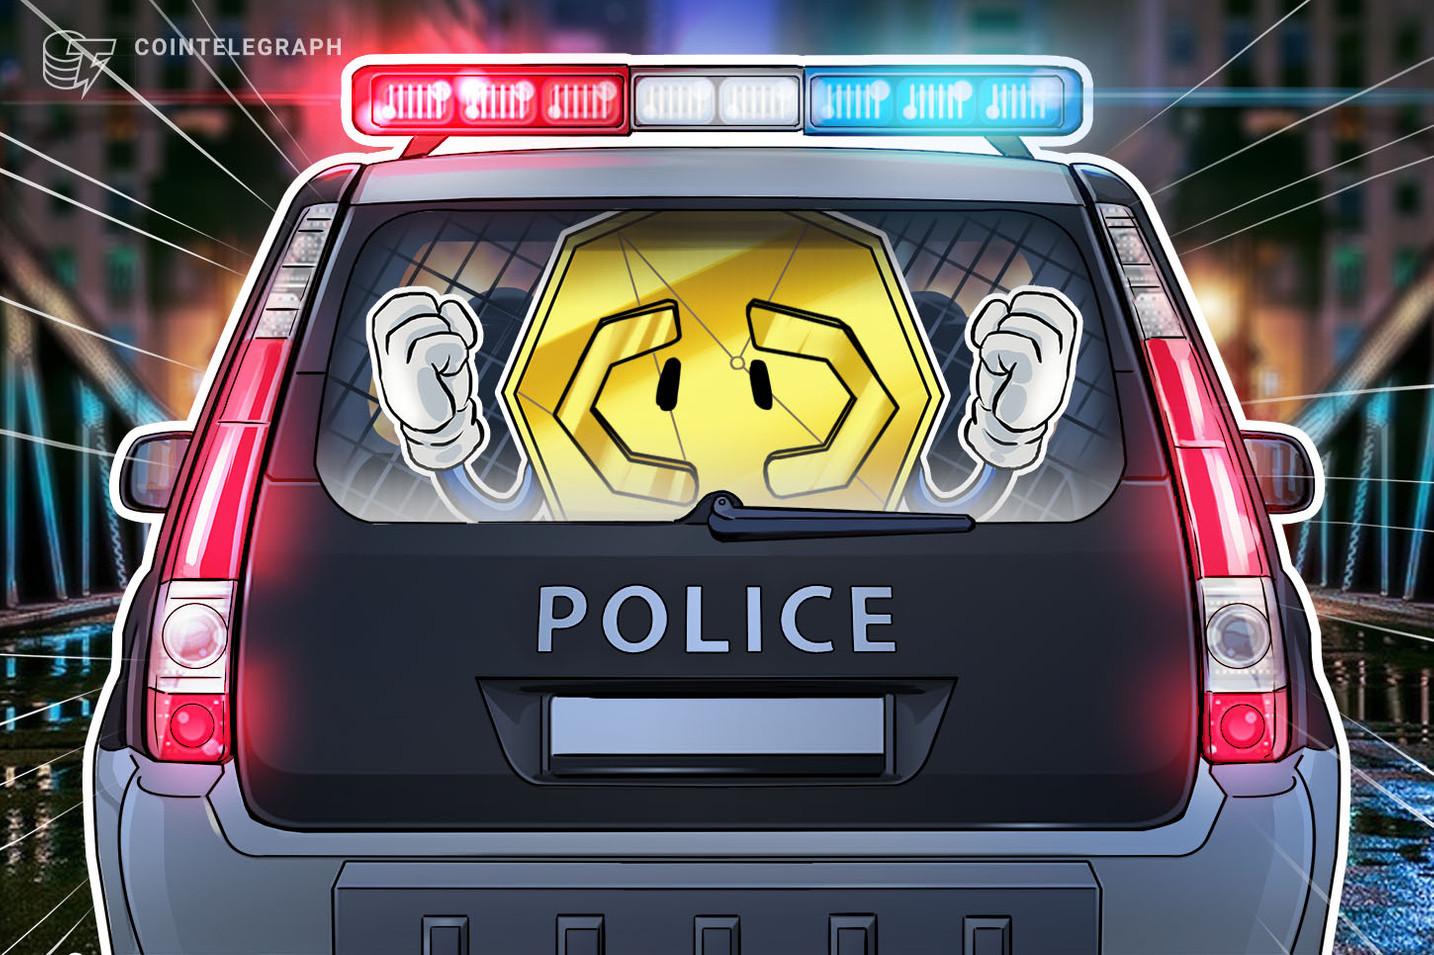 Traficantes usavam Bitcoin para compra de drogas e pegam 30 anos de prisão